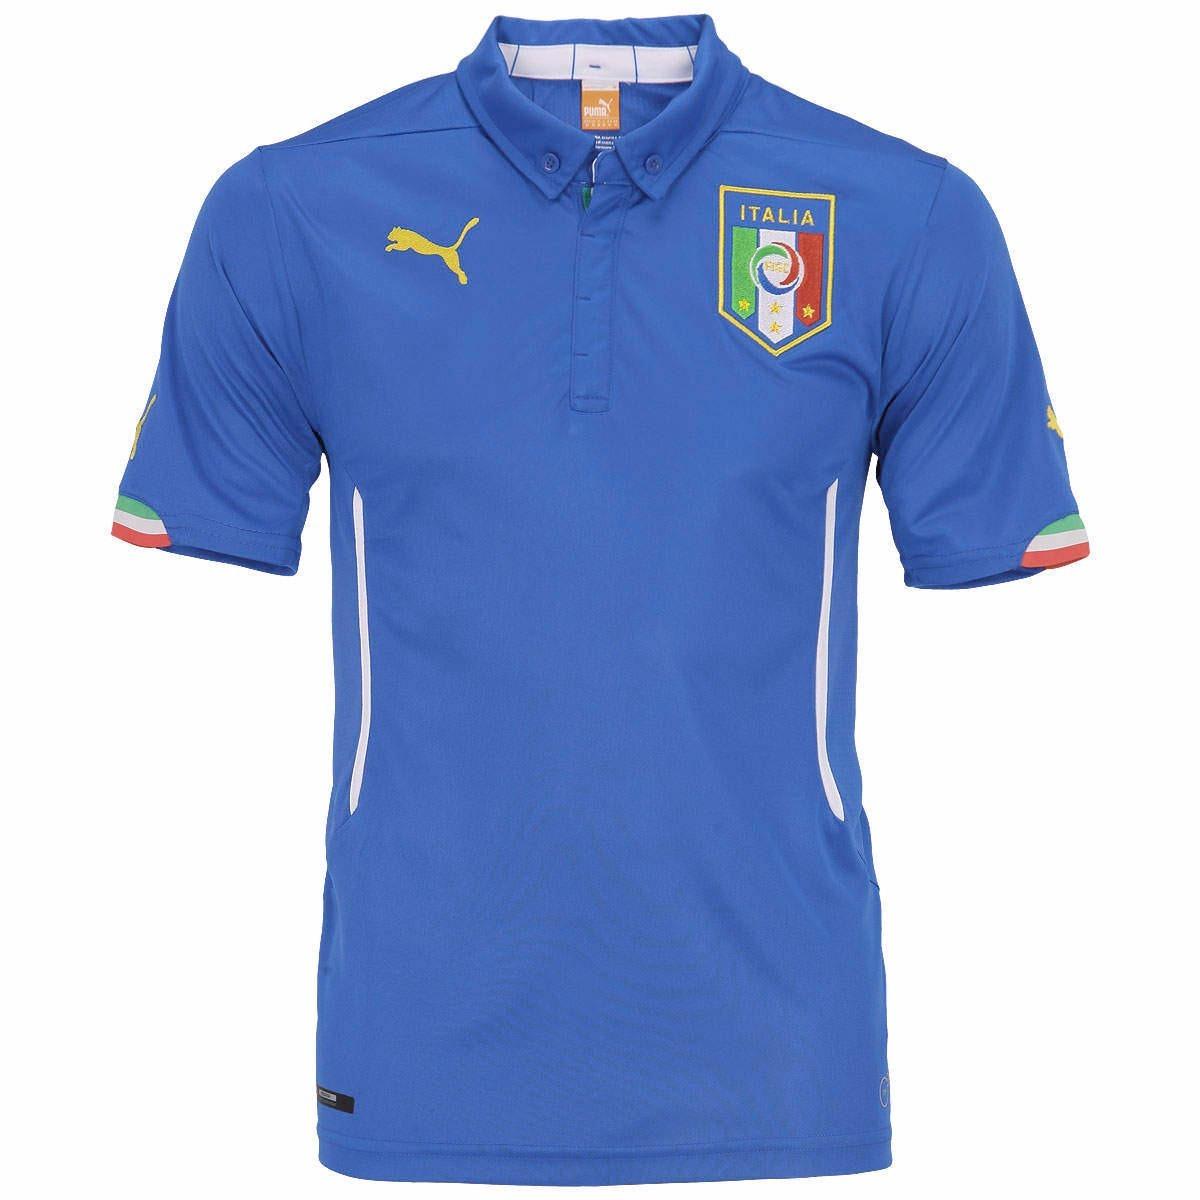 d58c9c1dc8c76 Camisa Itália I 2014 - Copa Do Mundo - Frete Grátis - R  239